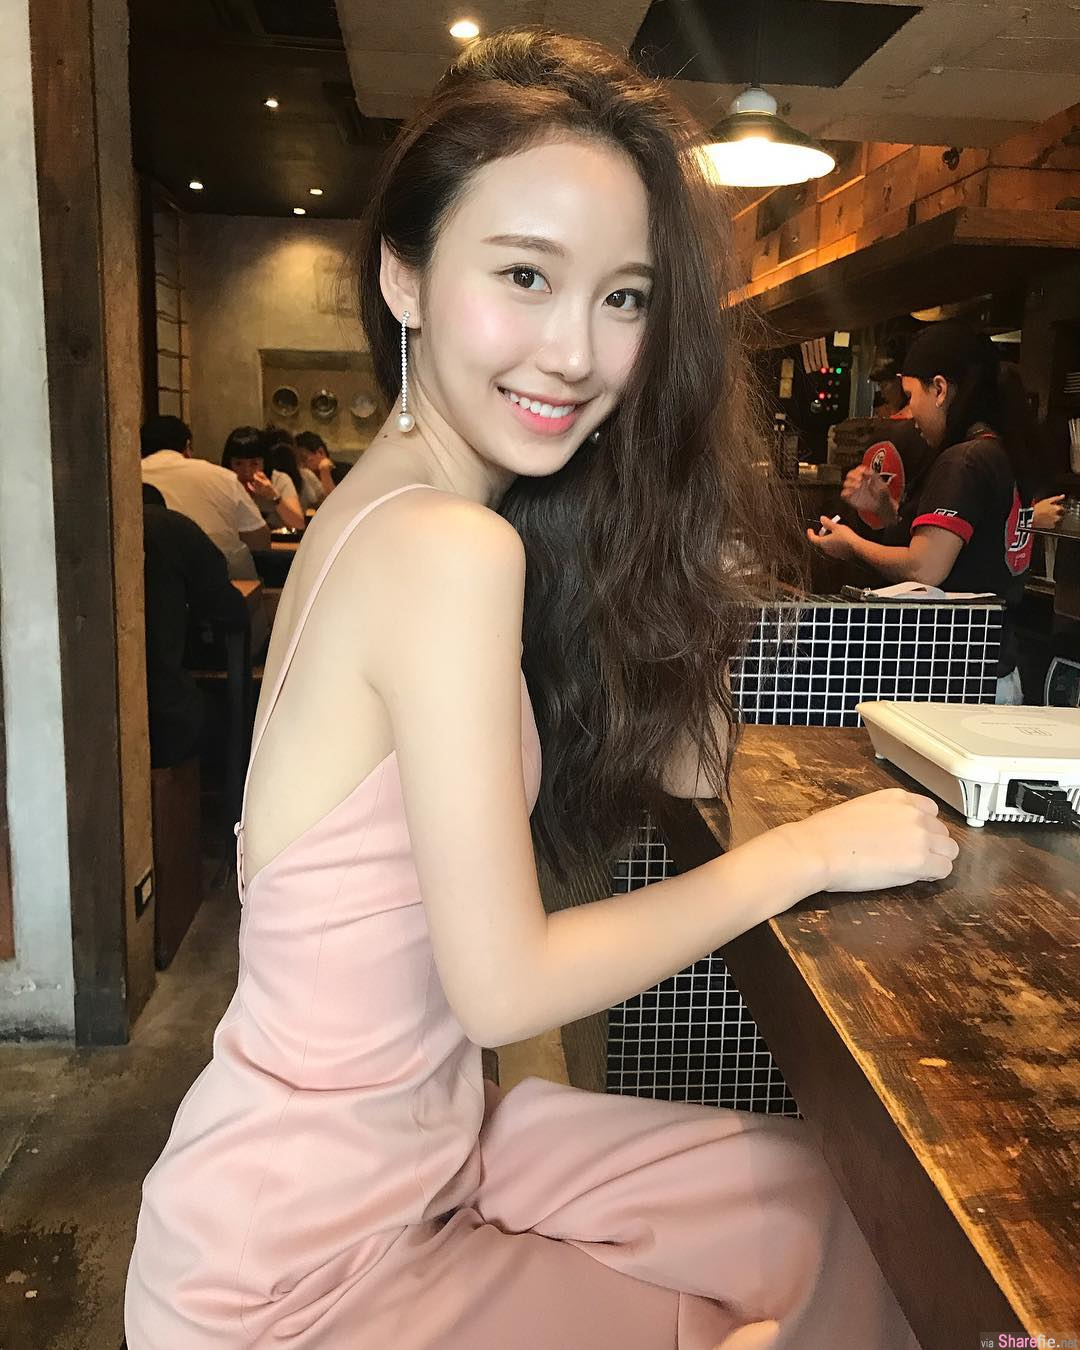 泰国正妹,女神般颜值,白皙不科学身材吸睛指数100分